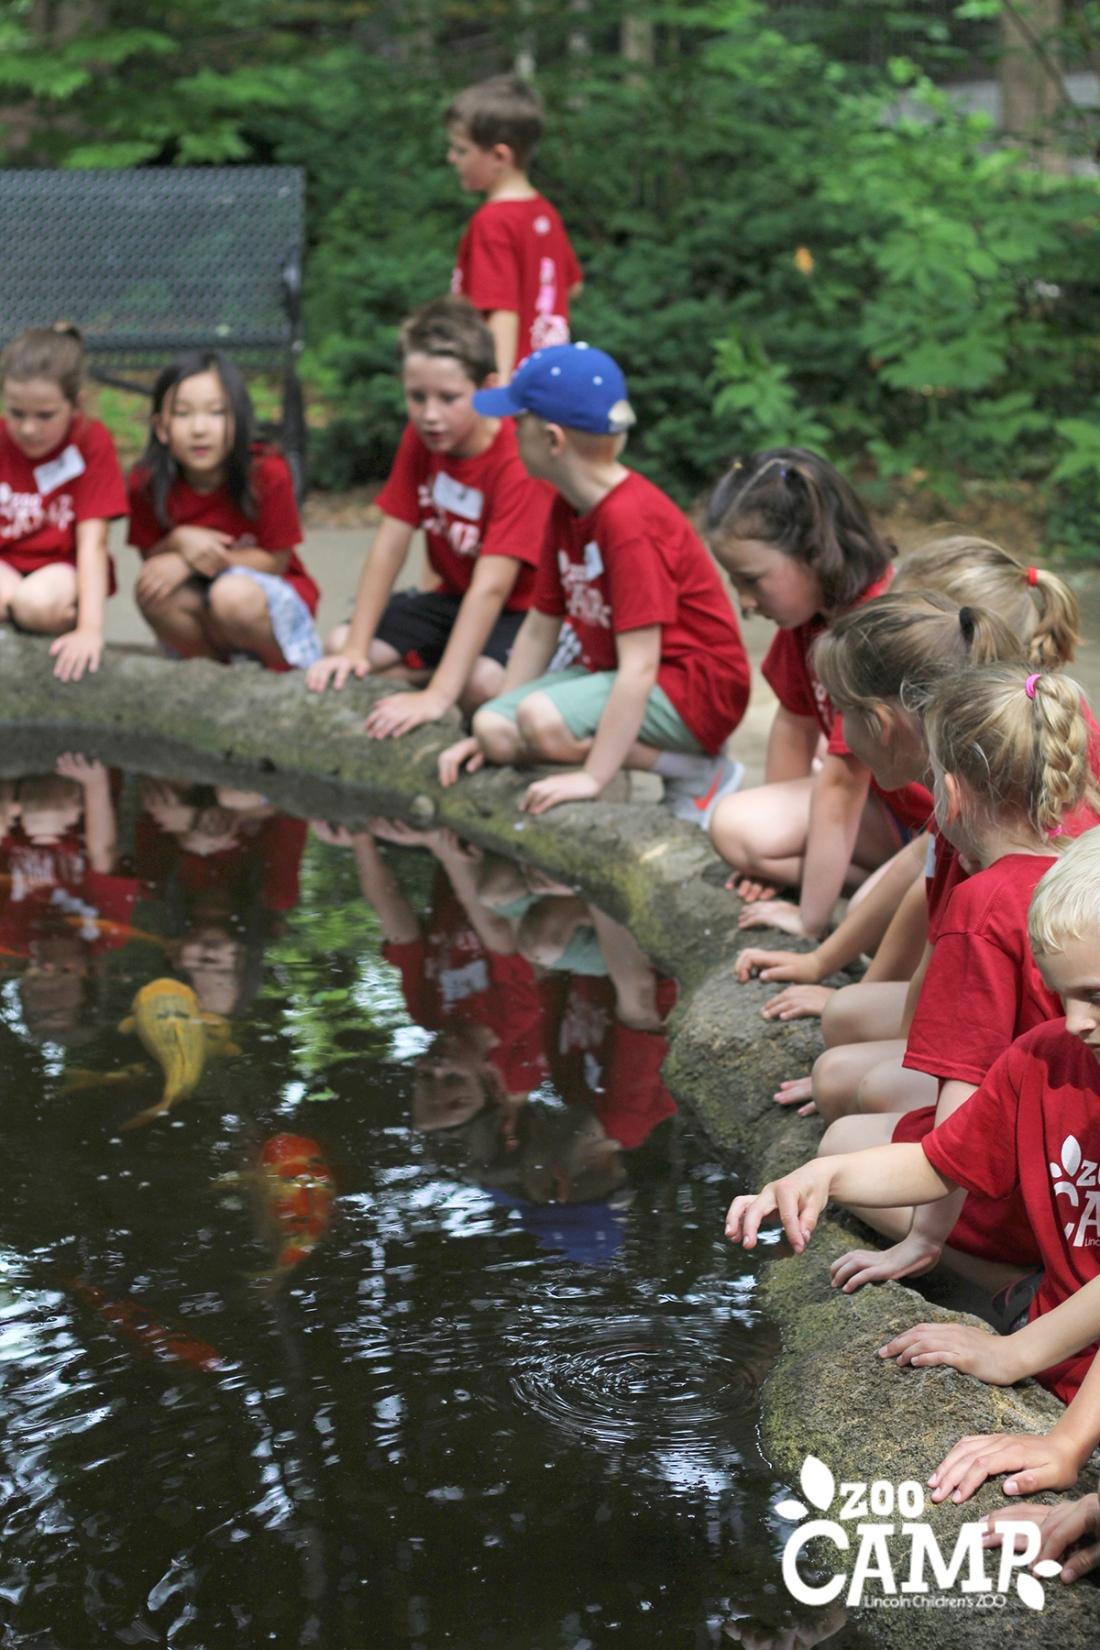 Camp_coi pond_6-7_0721